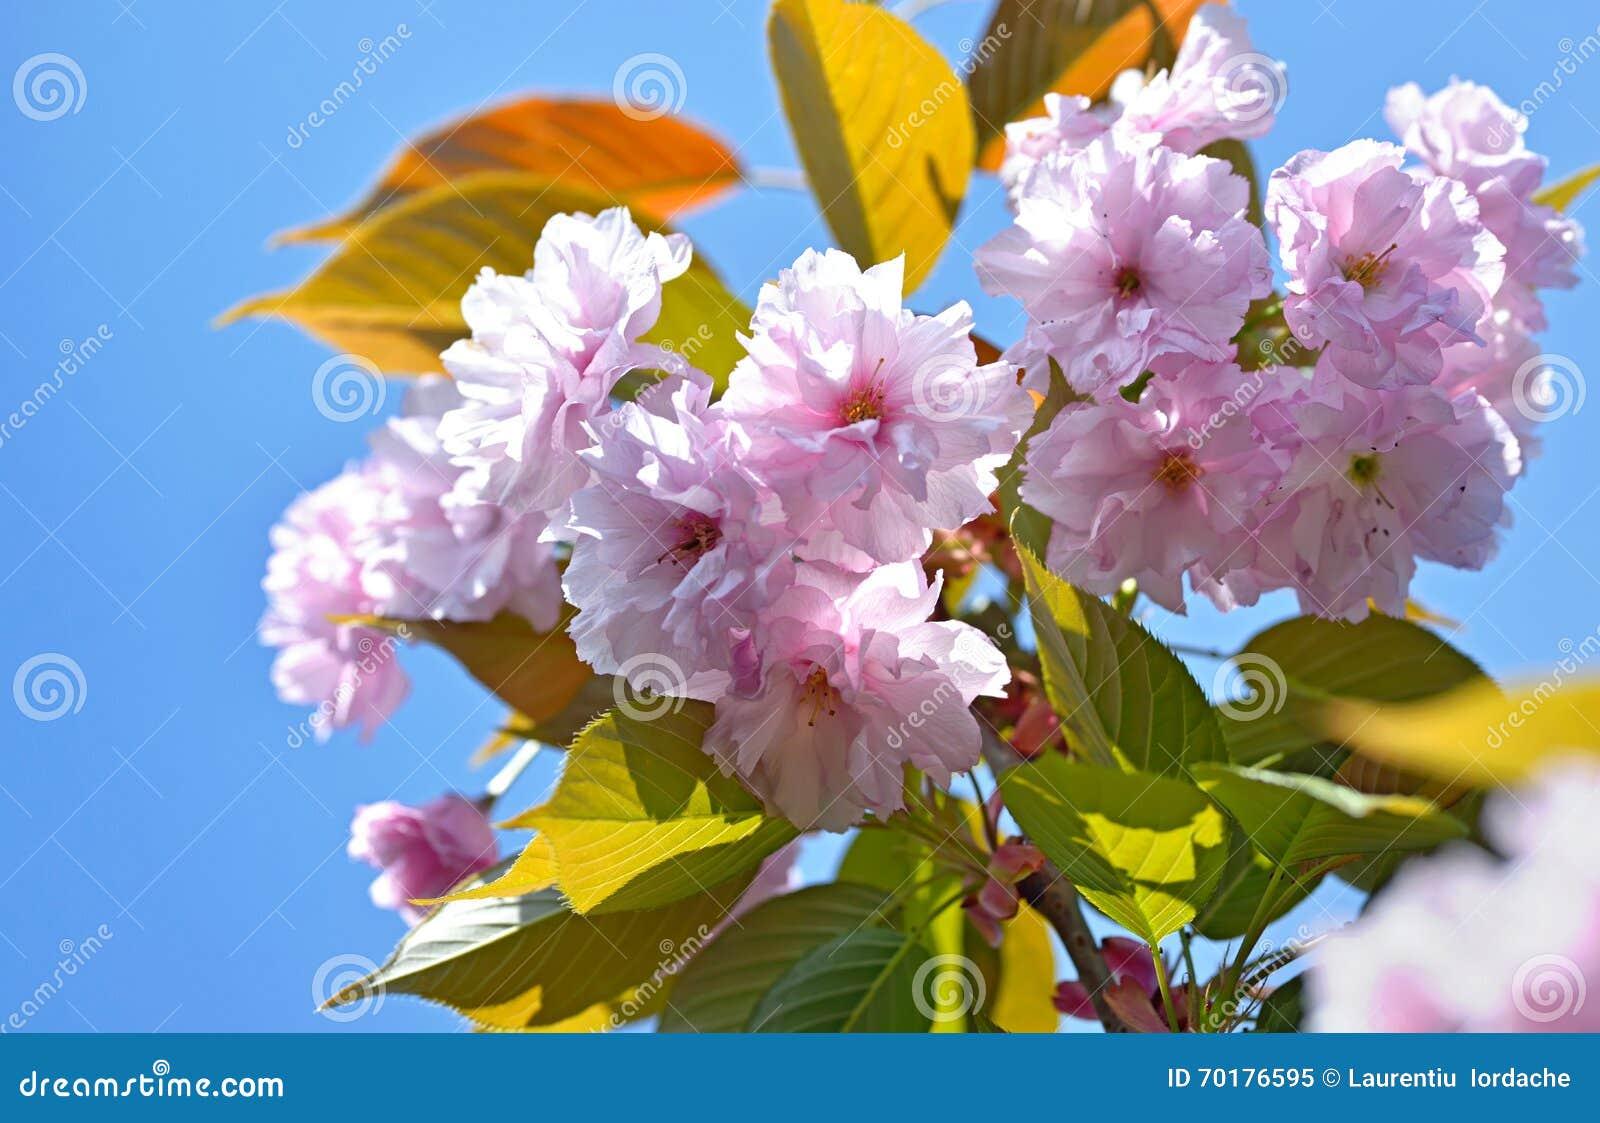 Prunusserrulataträd